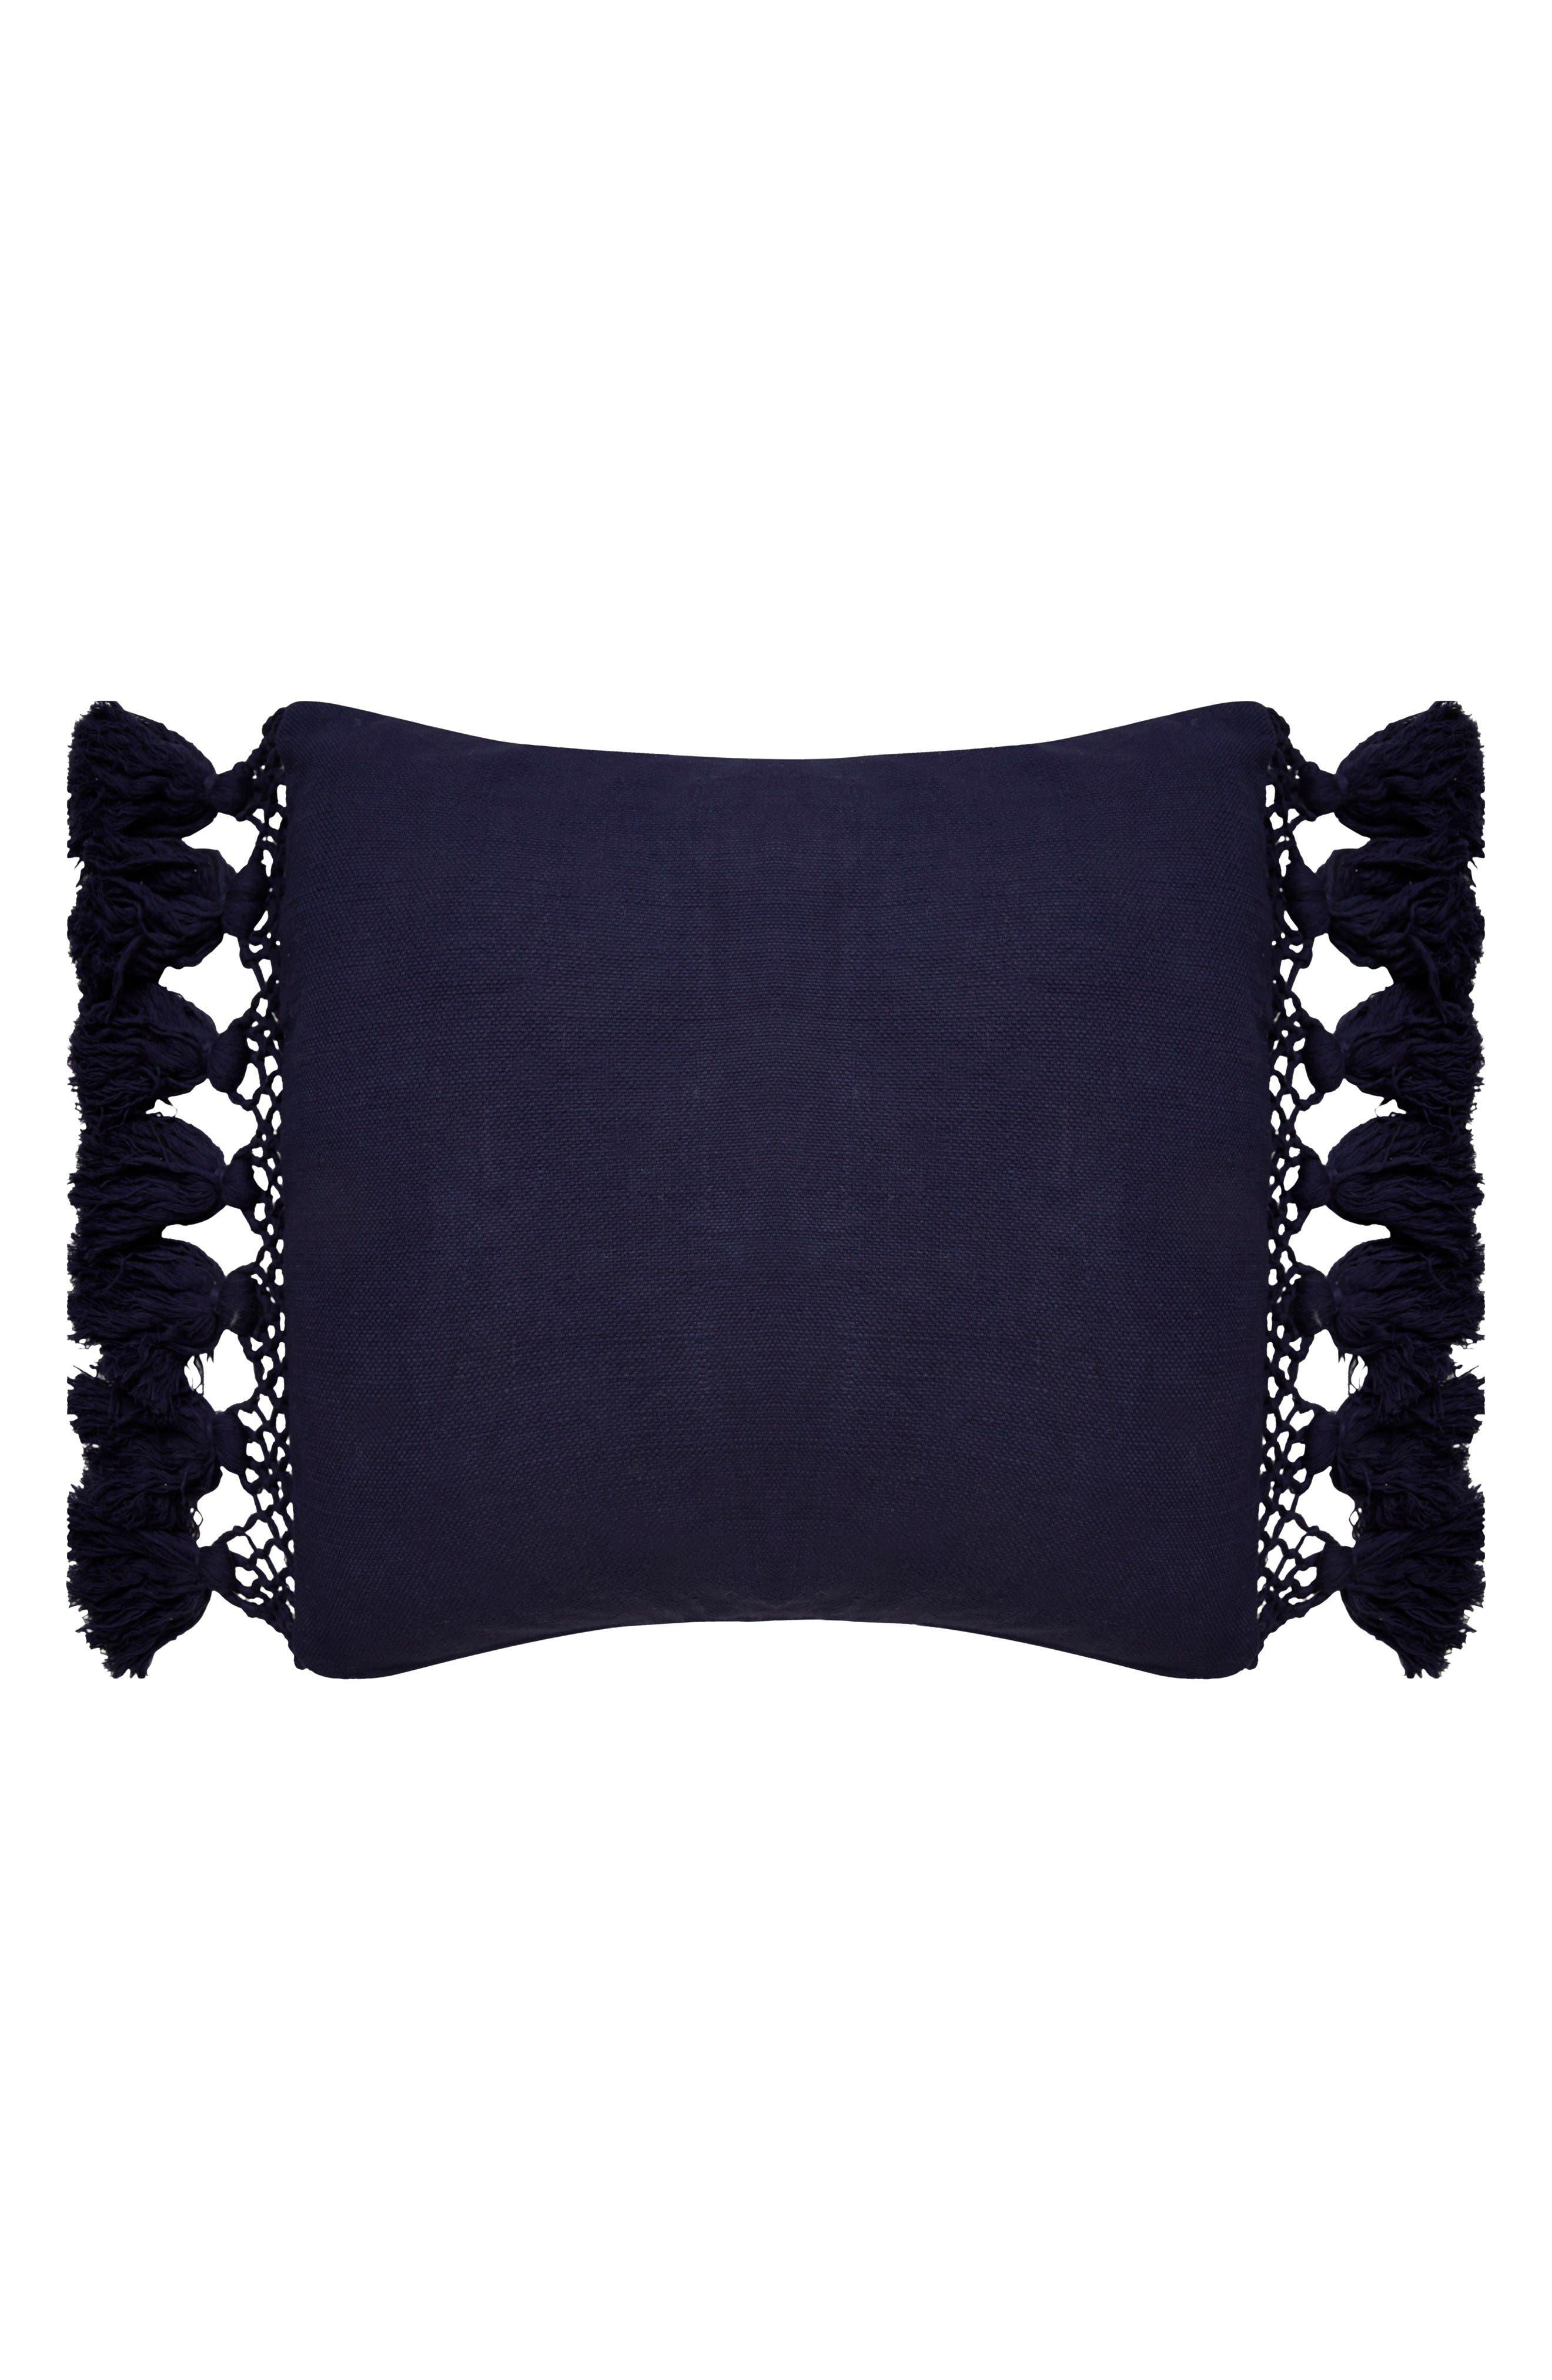 kate spade new york tassel accent pillow